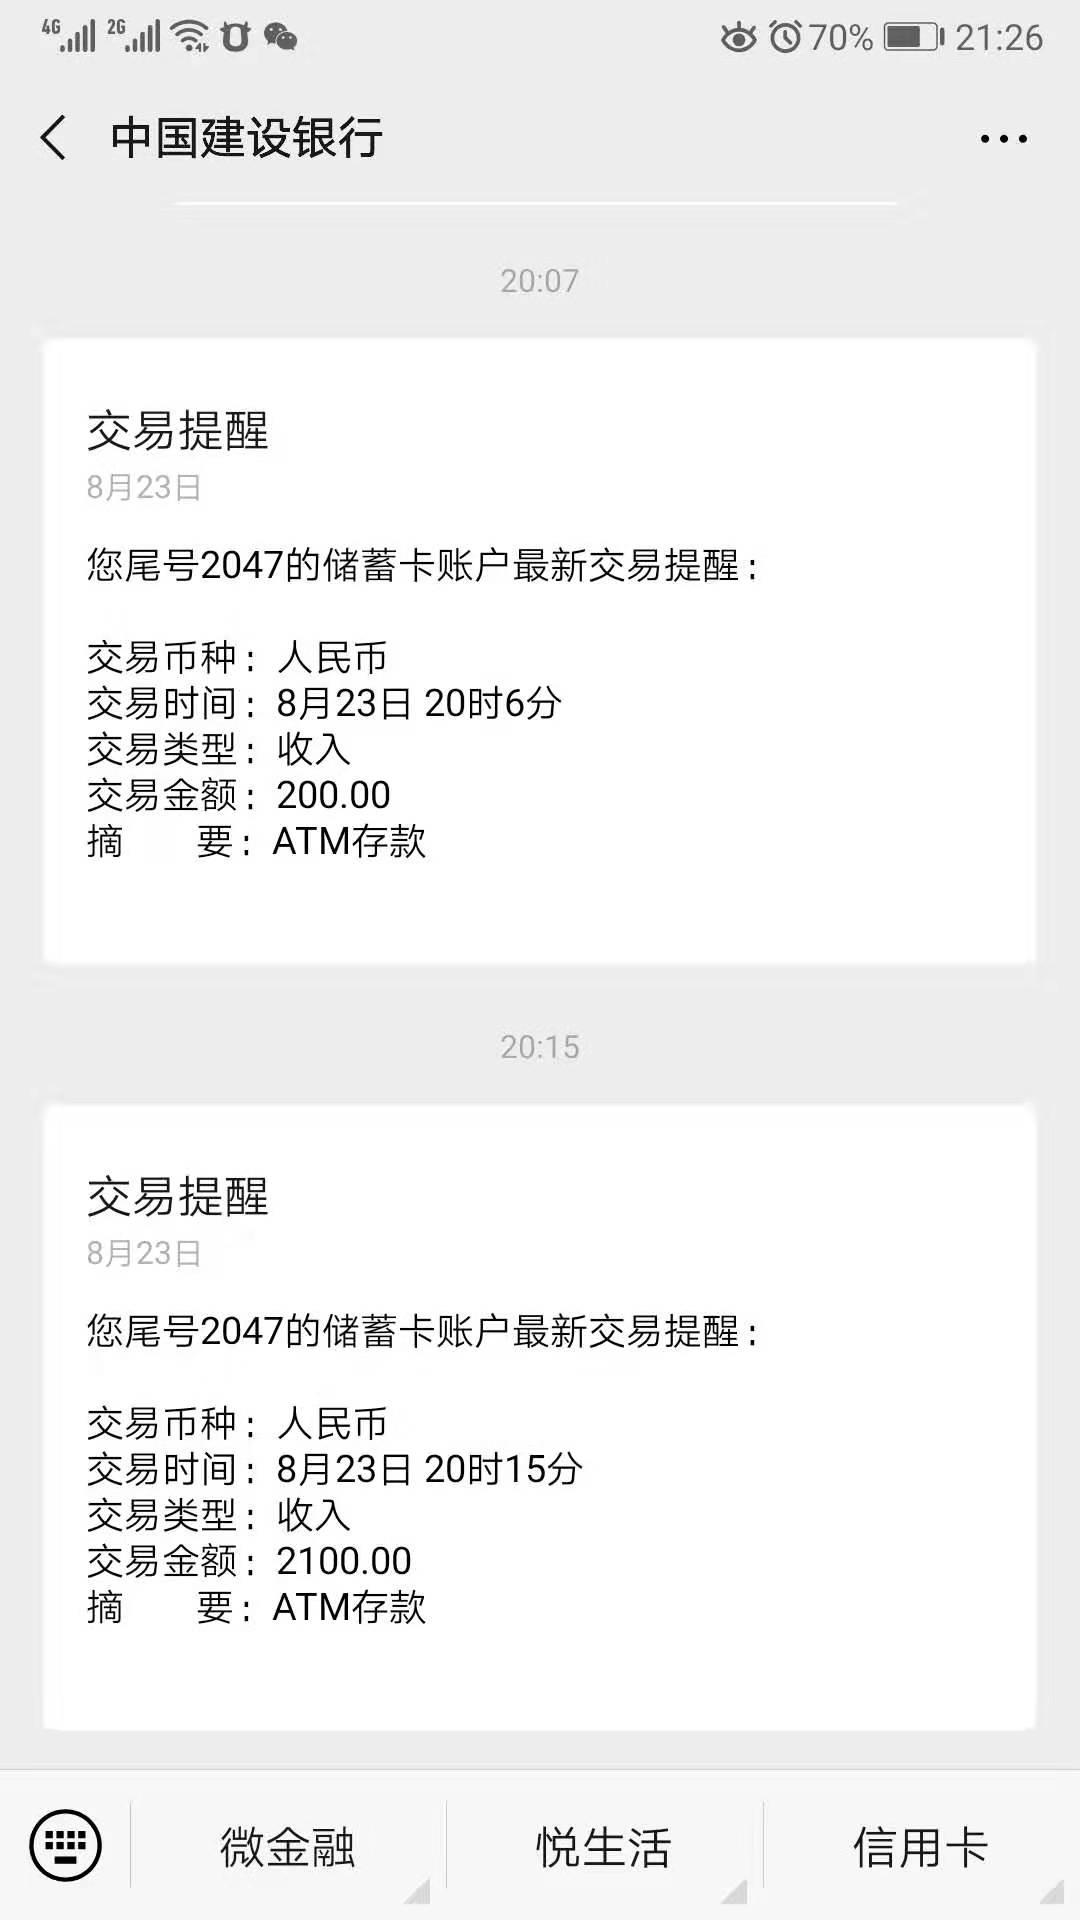 建行储蓄卡微信免费动账提醒